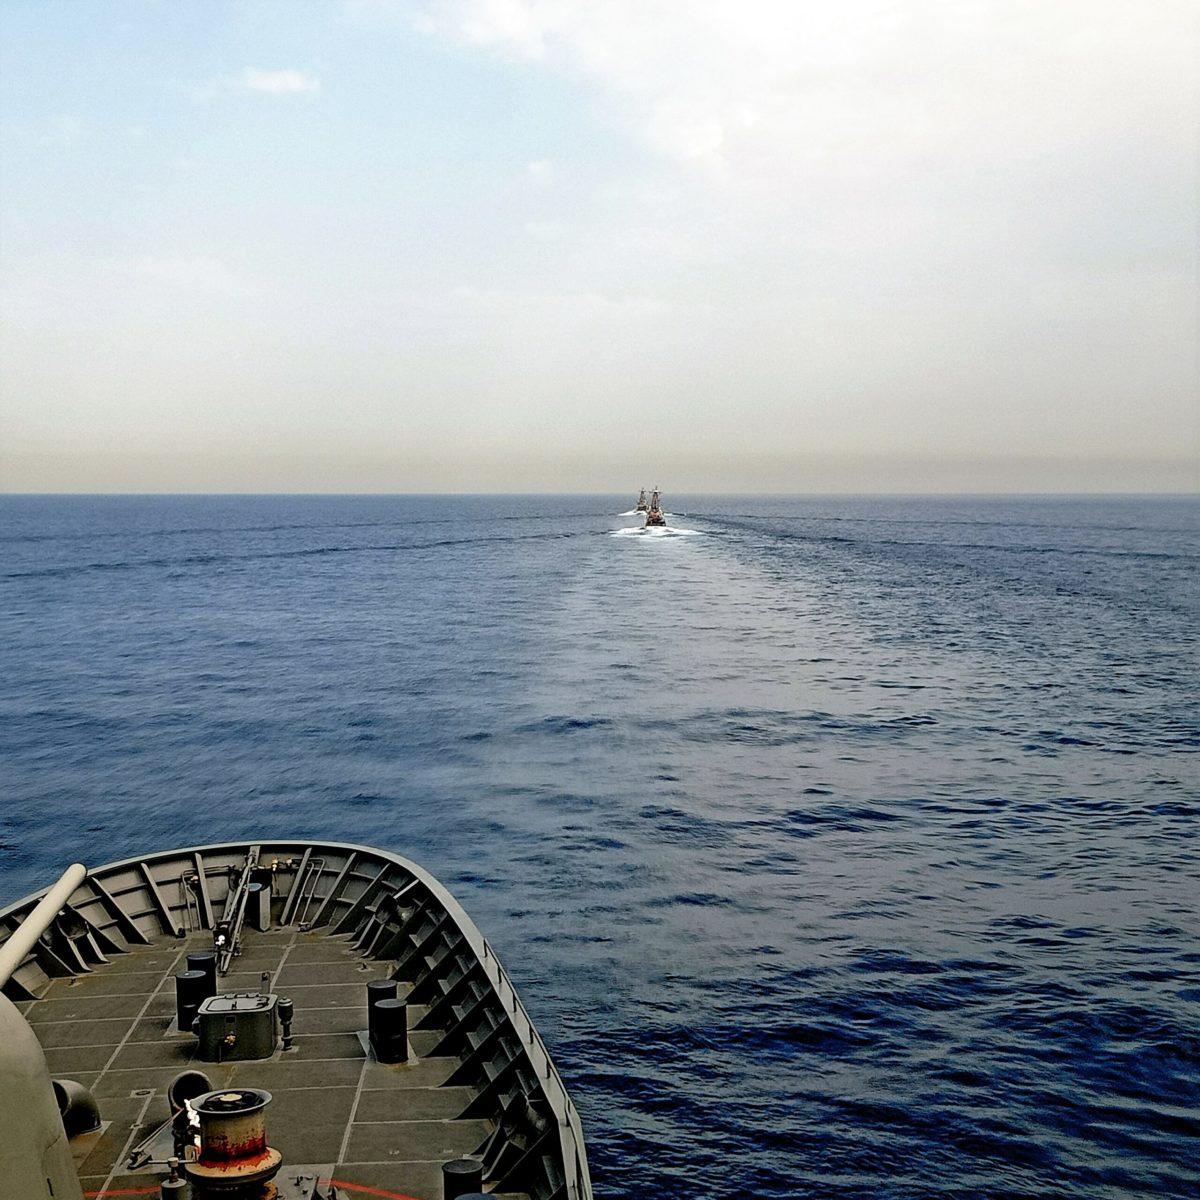 Ασταμάτητη η φρεγάτα «ΥΔΡΑ» – Συνεκπαίδευση με ναυτικές δυνάμεις των ΗΠΑ [pics]